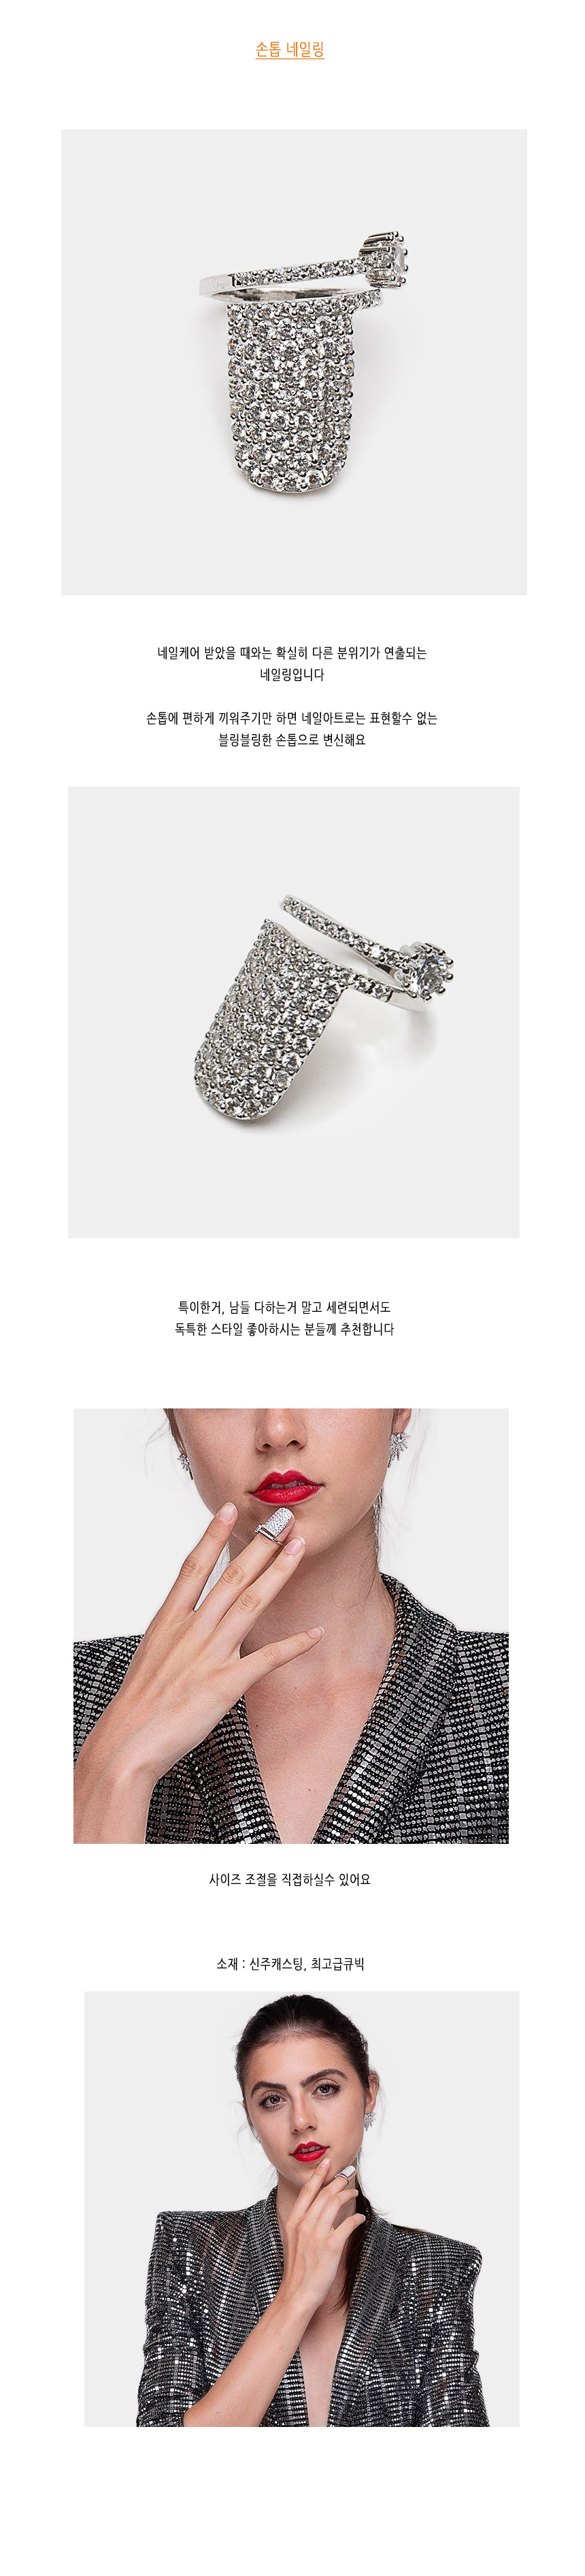 손톱 네일 링(프리사이즈반지) - 돌체오라, 28,000원, 패션, 패션반지